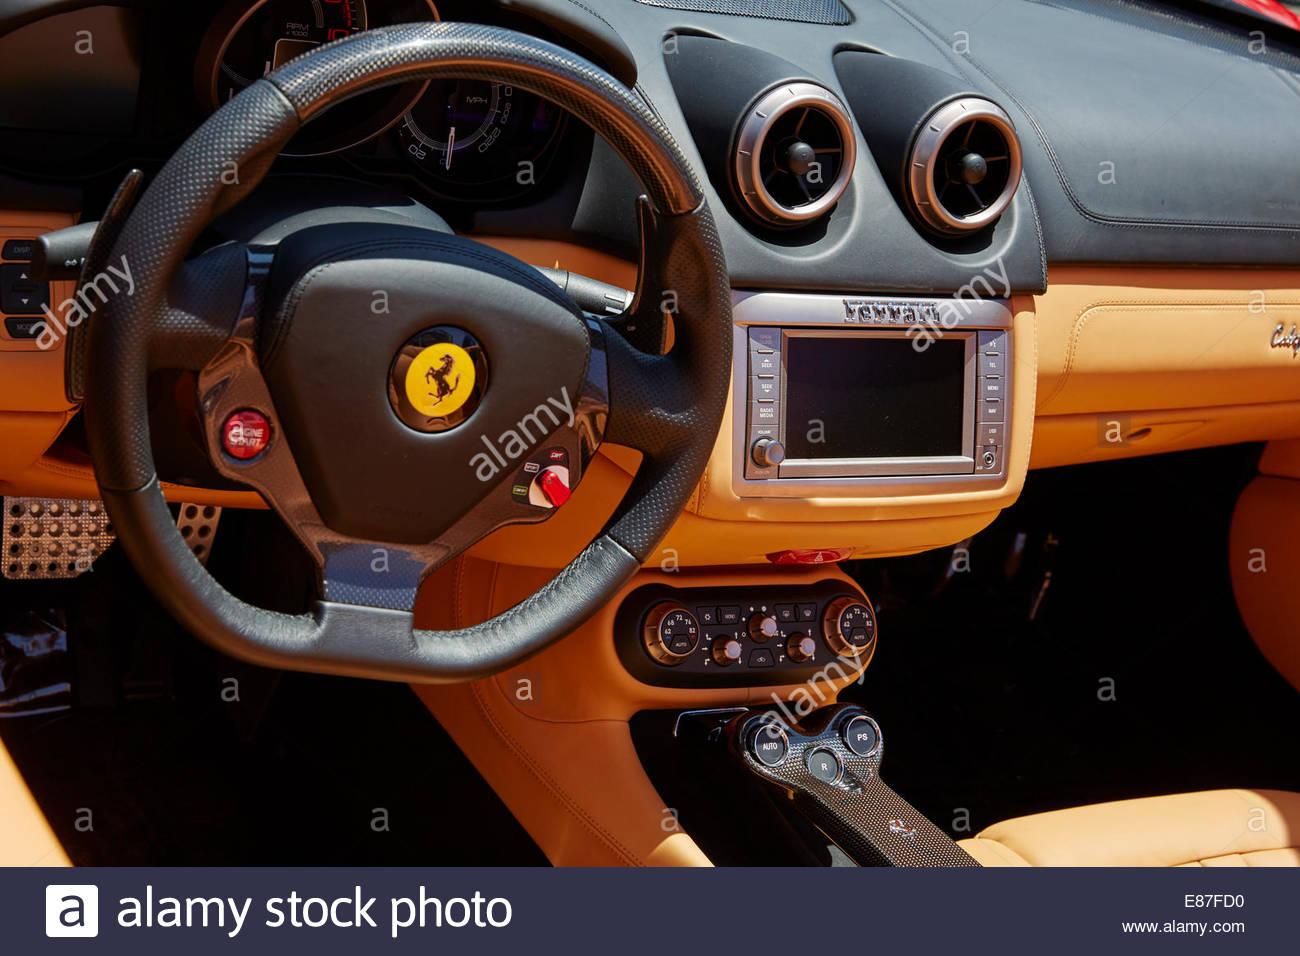 Innenraum der einen Ferrari-Sportwagen, Dashboard und alle. Stockbild